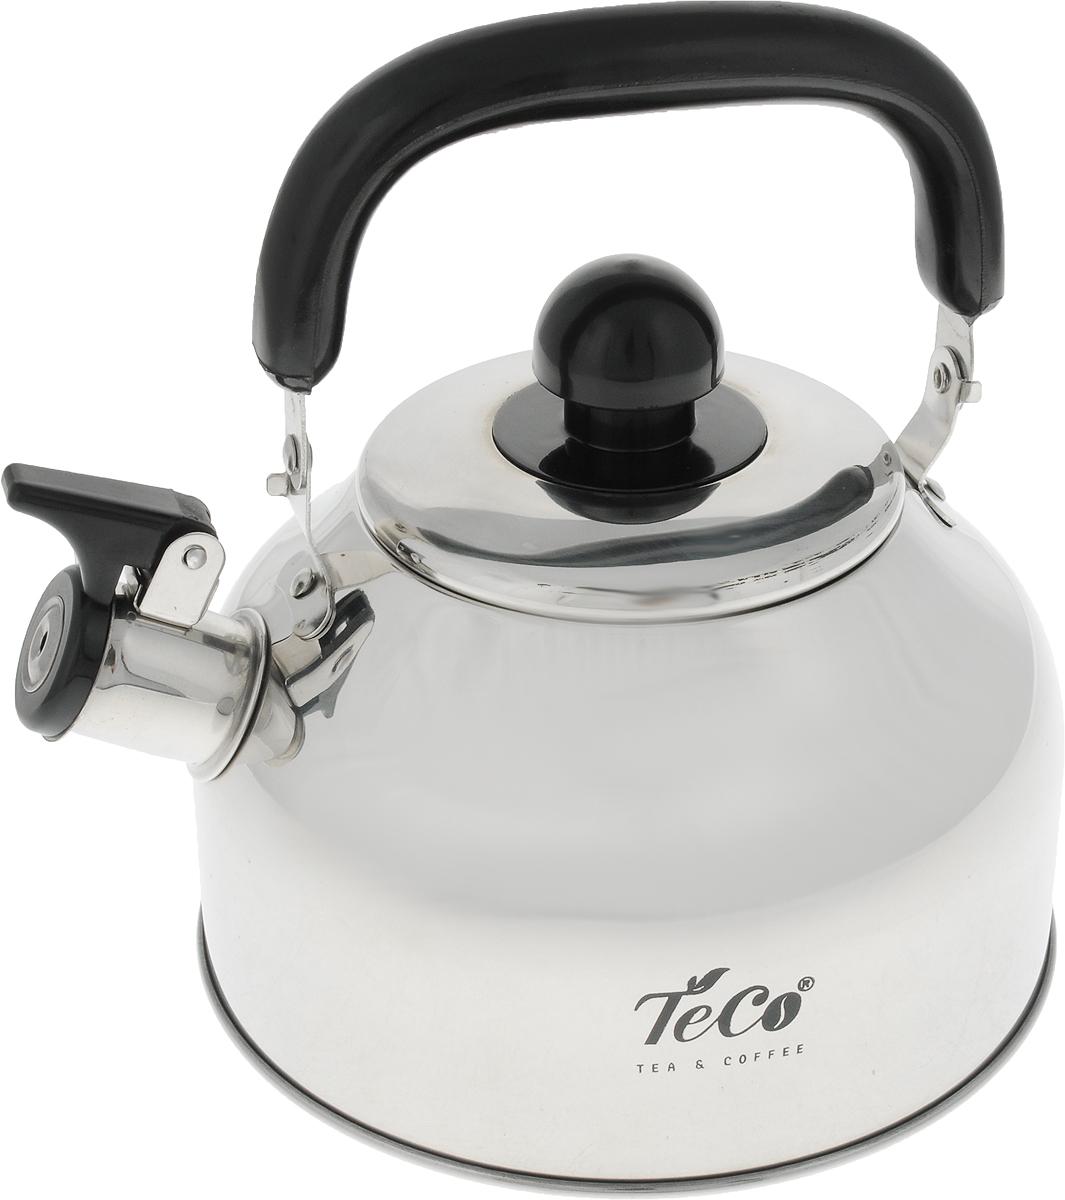 Чайник Teco, со свистком, цвет: стальной, черный, 2,8 л. TC-116TC-116Чайник Teco выполнен из высококачественной нержавеющей стали c капсульным дном, которая не окисляется и не впитывает запахи, напитки всегда будут ароматны. Фиксированная ручка, изготовленная из металла и бакелита, Носик снабжен открывающимся свистком, что позволит вам контролировать процесс подогрева или кипячения воды.Эстетичный и функциональный чайник будет оригинально смотреться в любом интерьере.Подходит для всех типов плит, кроме индукционных. Можно мыть в посудомоечной машине.